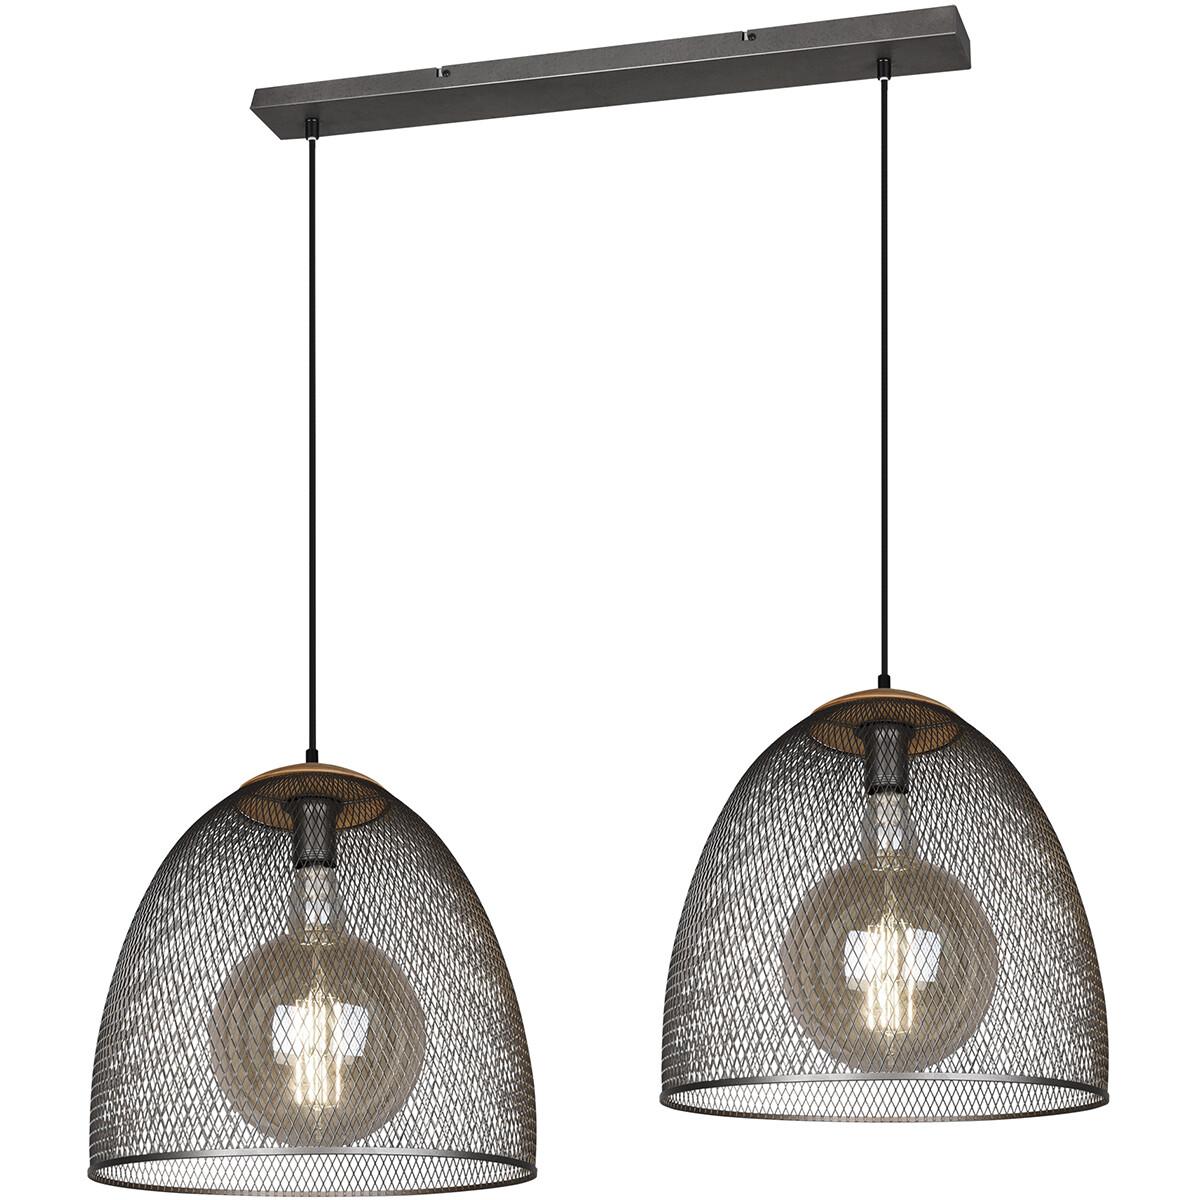 LED Hanglamp - Trion Ivan - E27 Fitting - 2-lichts - Rond - Antiek Nikkel - Aluminium